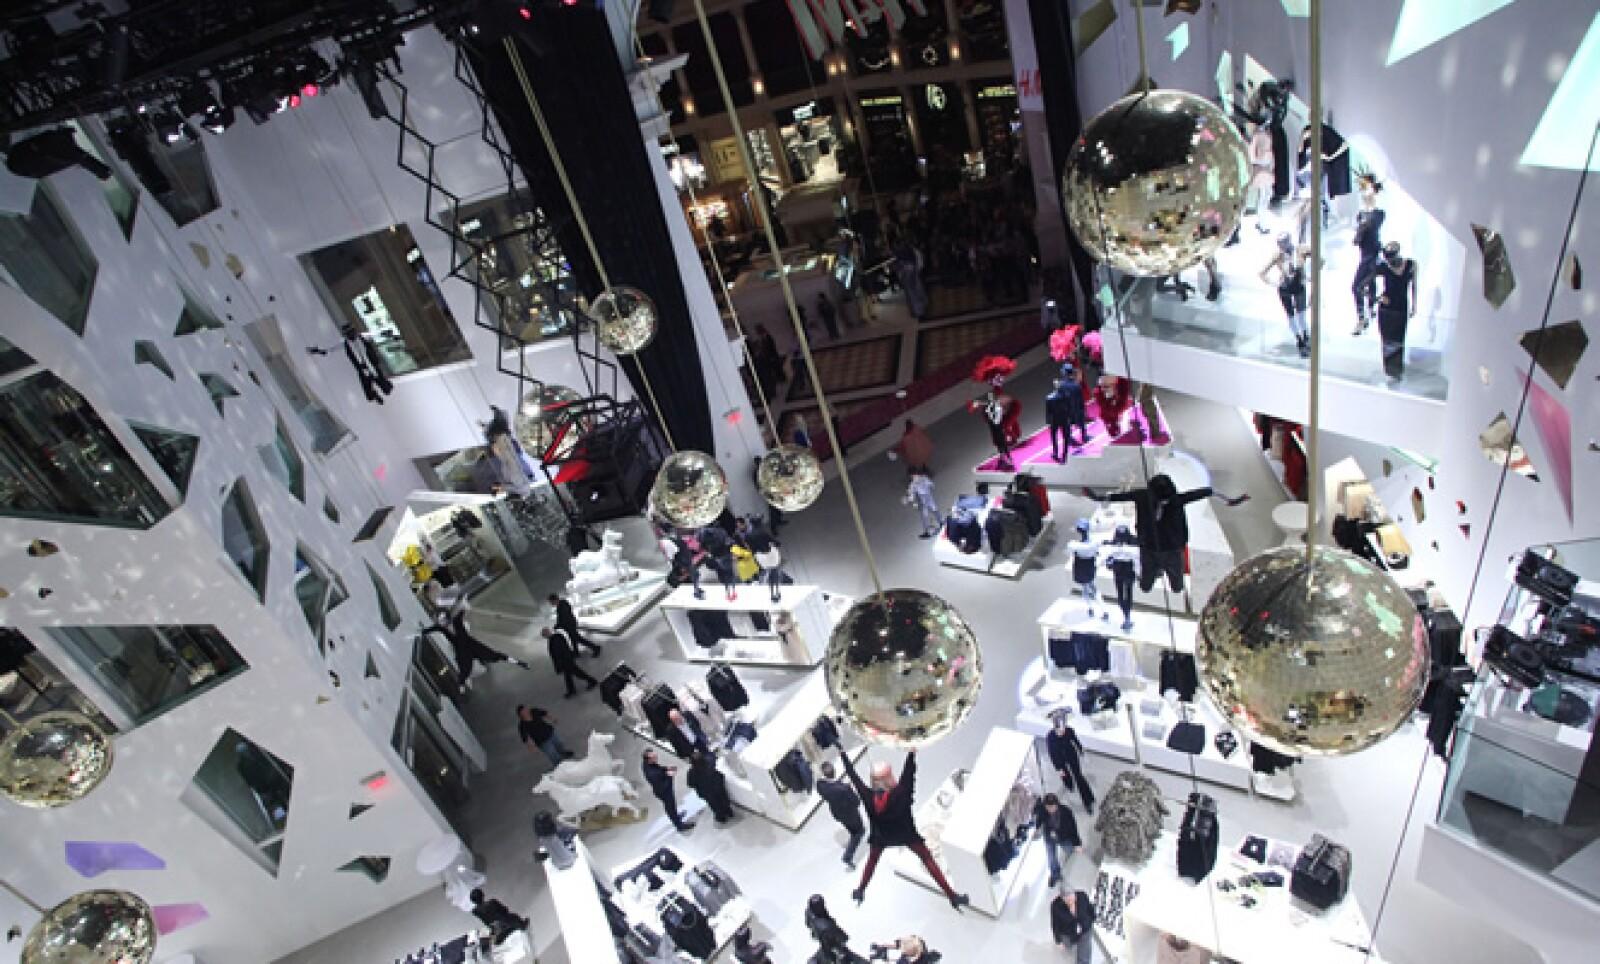 La facturación total de sus tiendas en EU en 2011 fue superior a los 1,500 millones de dólares (mdd).